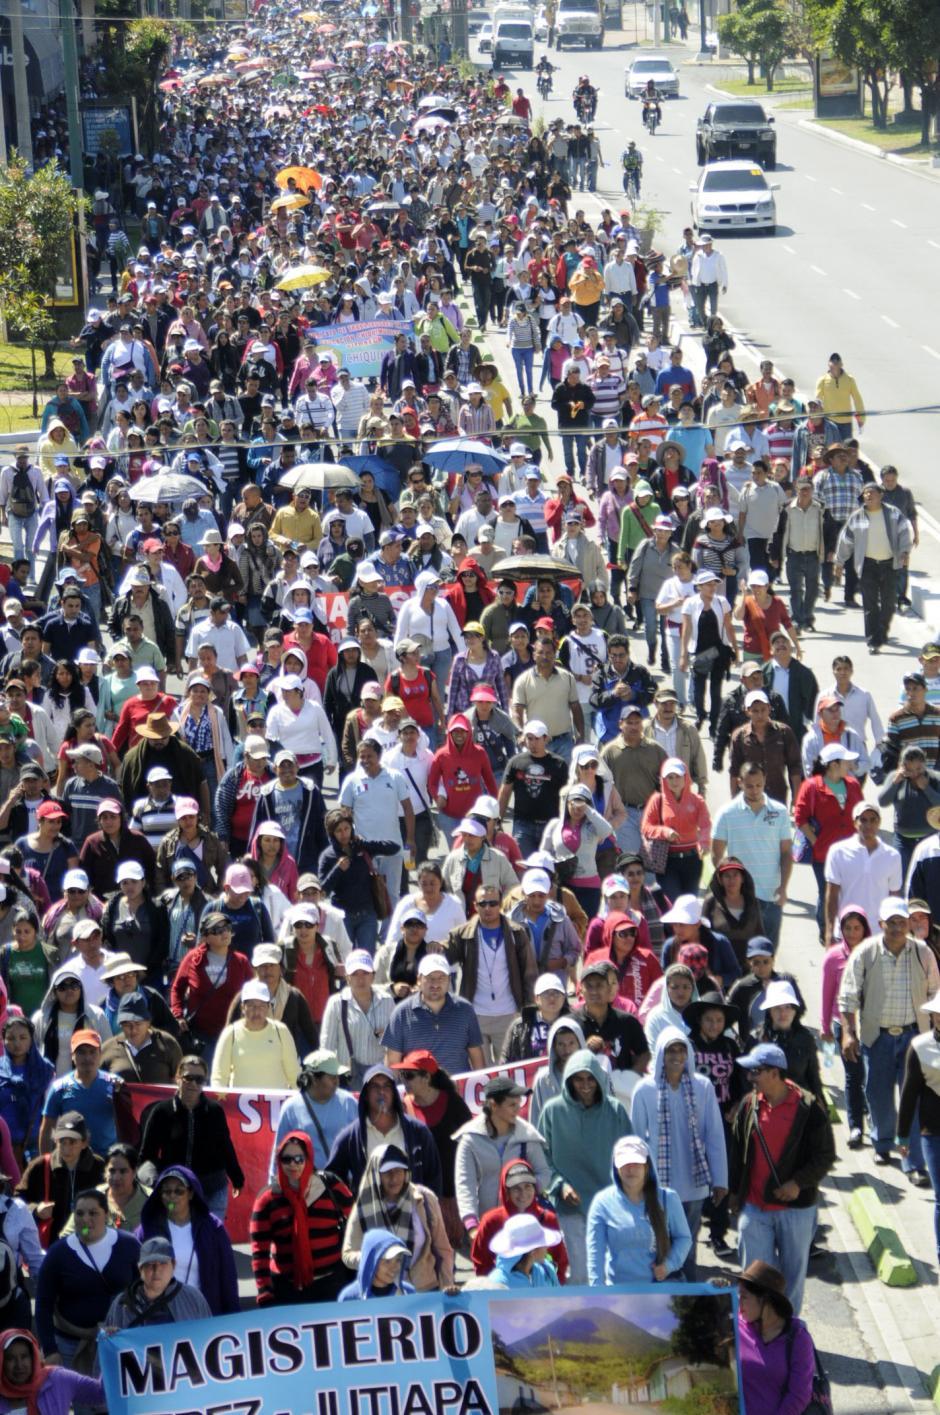 Liderados por Joviel Acevedo, los maestros han vuelto a las calles para pedir que se atiendan sus demandas. (Foto: Esteban Biba/Soy502)